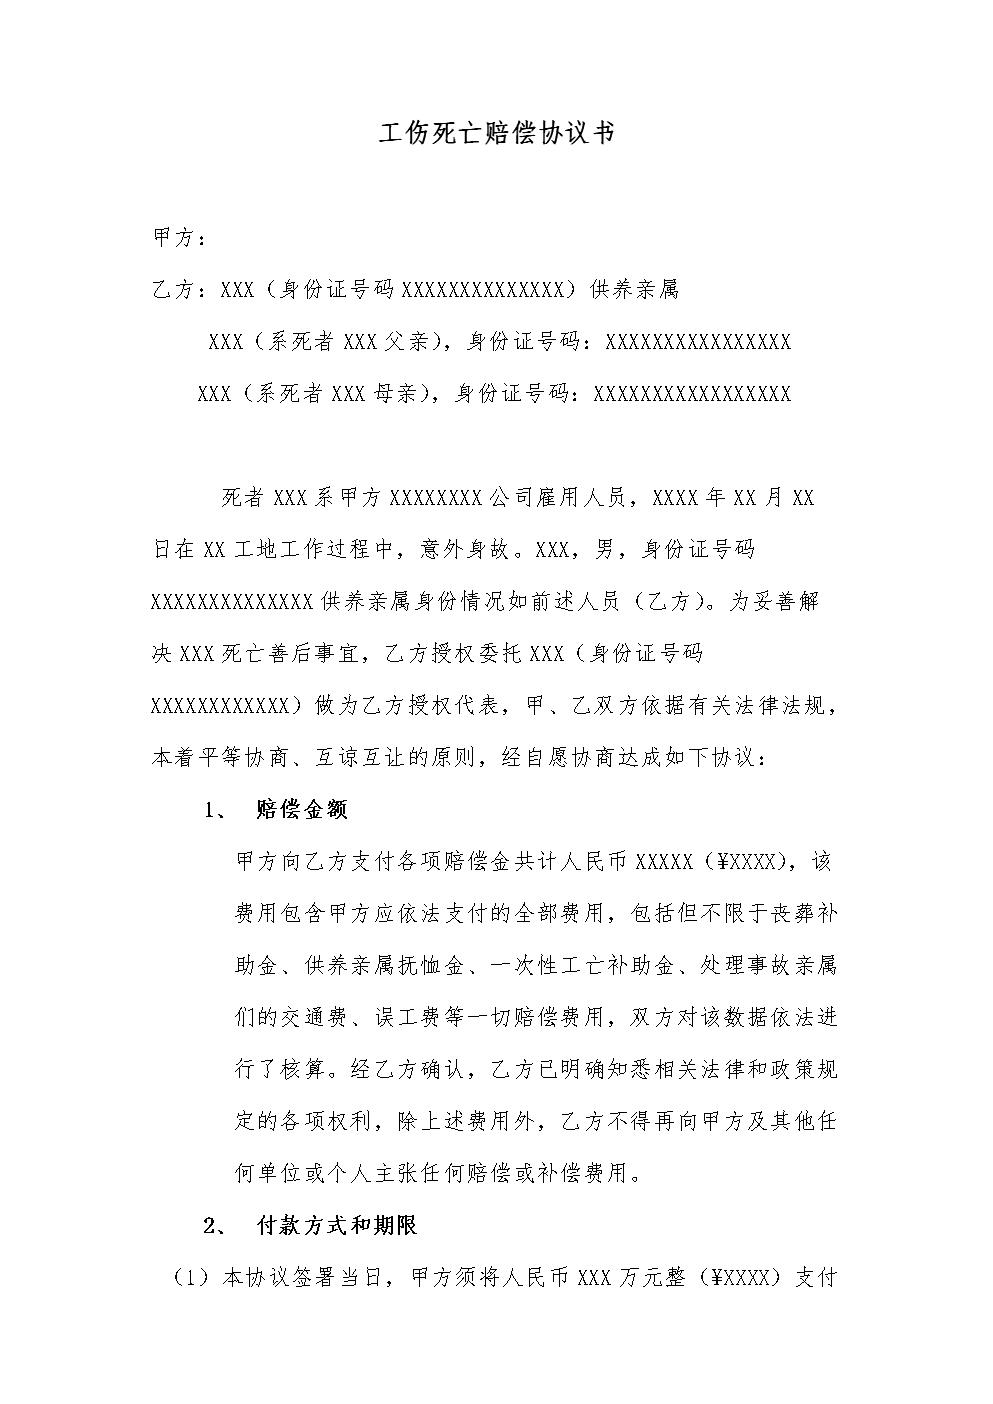 补偿协议书格式范文docx下载_爱问共享资料